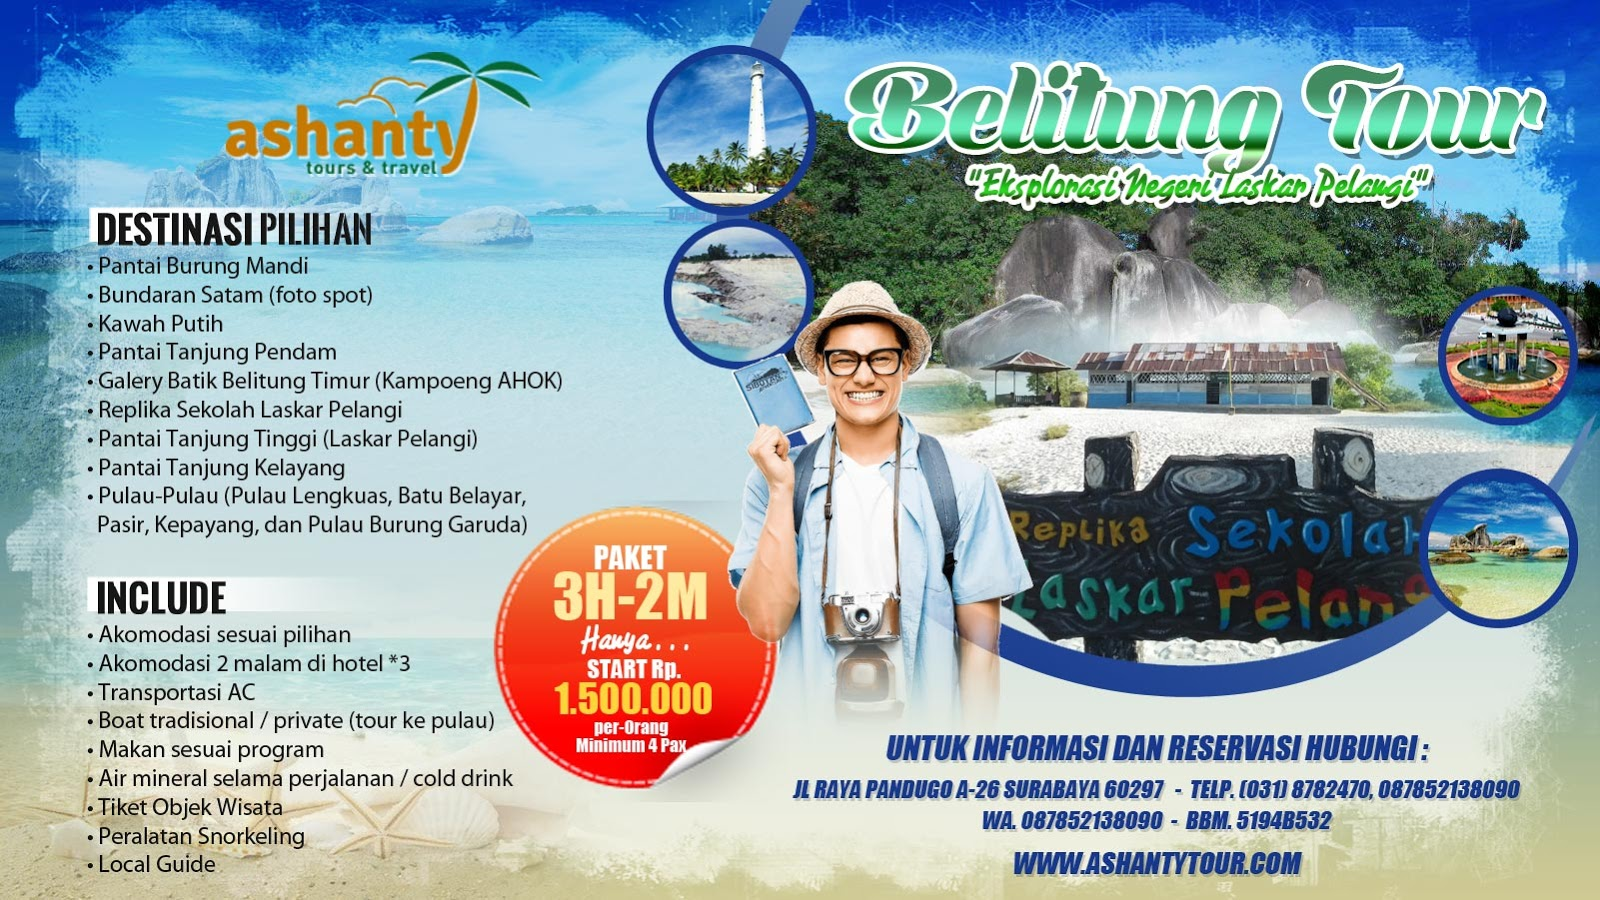 paket tour bangka belitung laskar pelangi, paket tour bangka belitung termasuk tiket pesawat, paket liburan ke bangka belitung murah